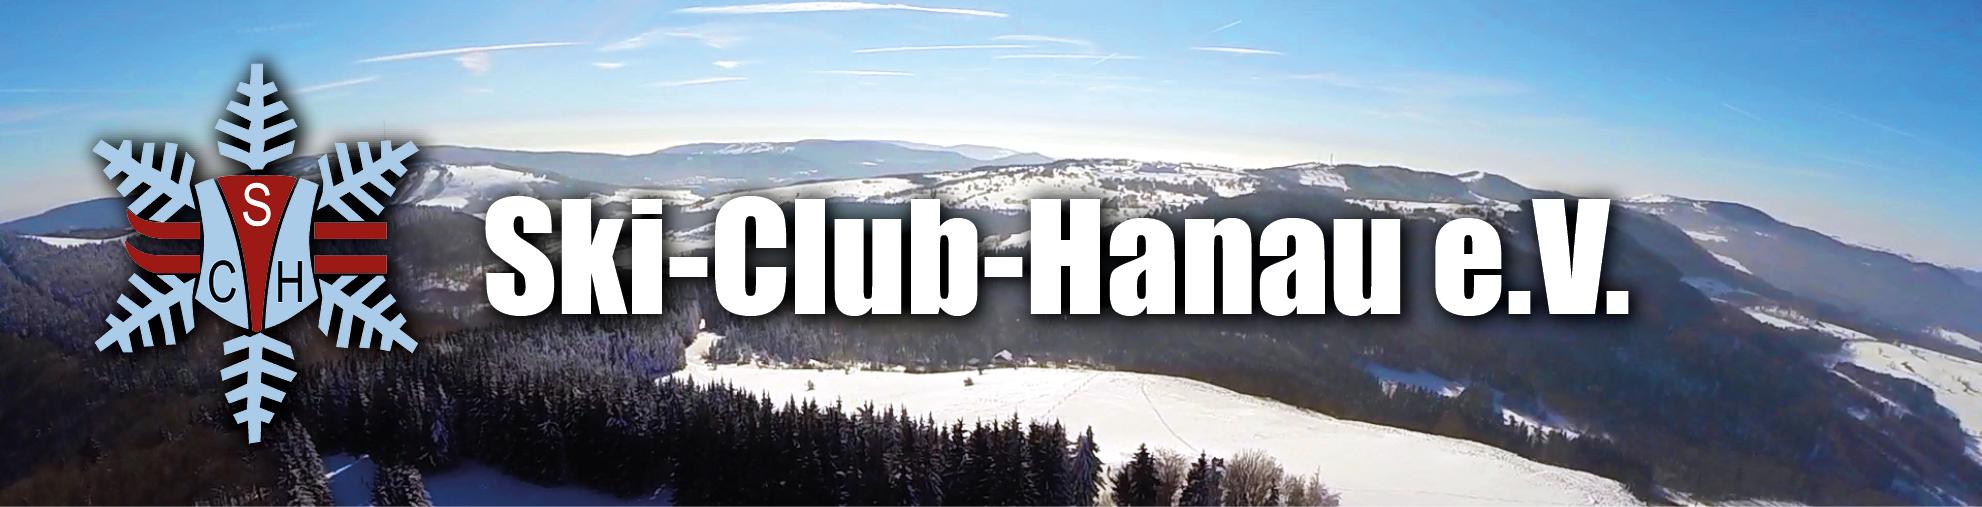 Skiclub Hanau